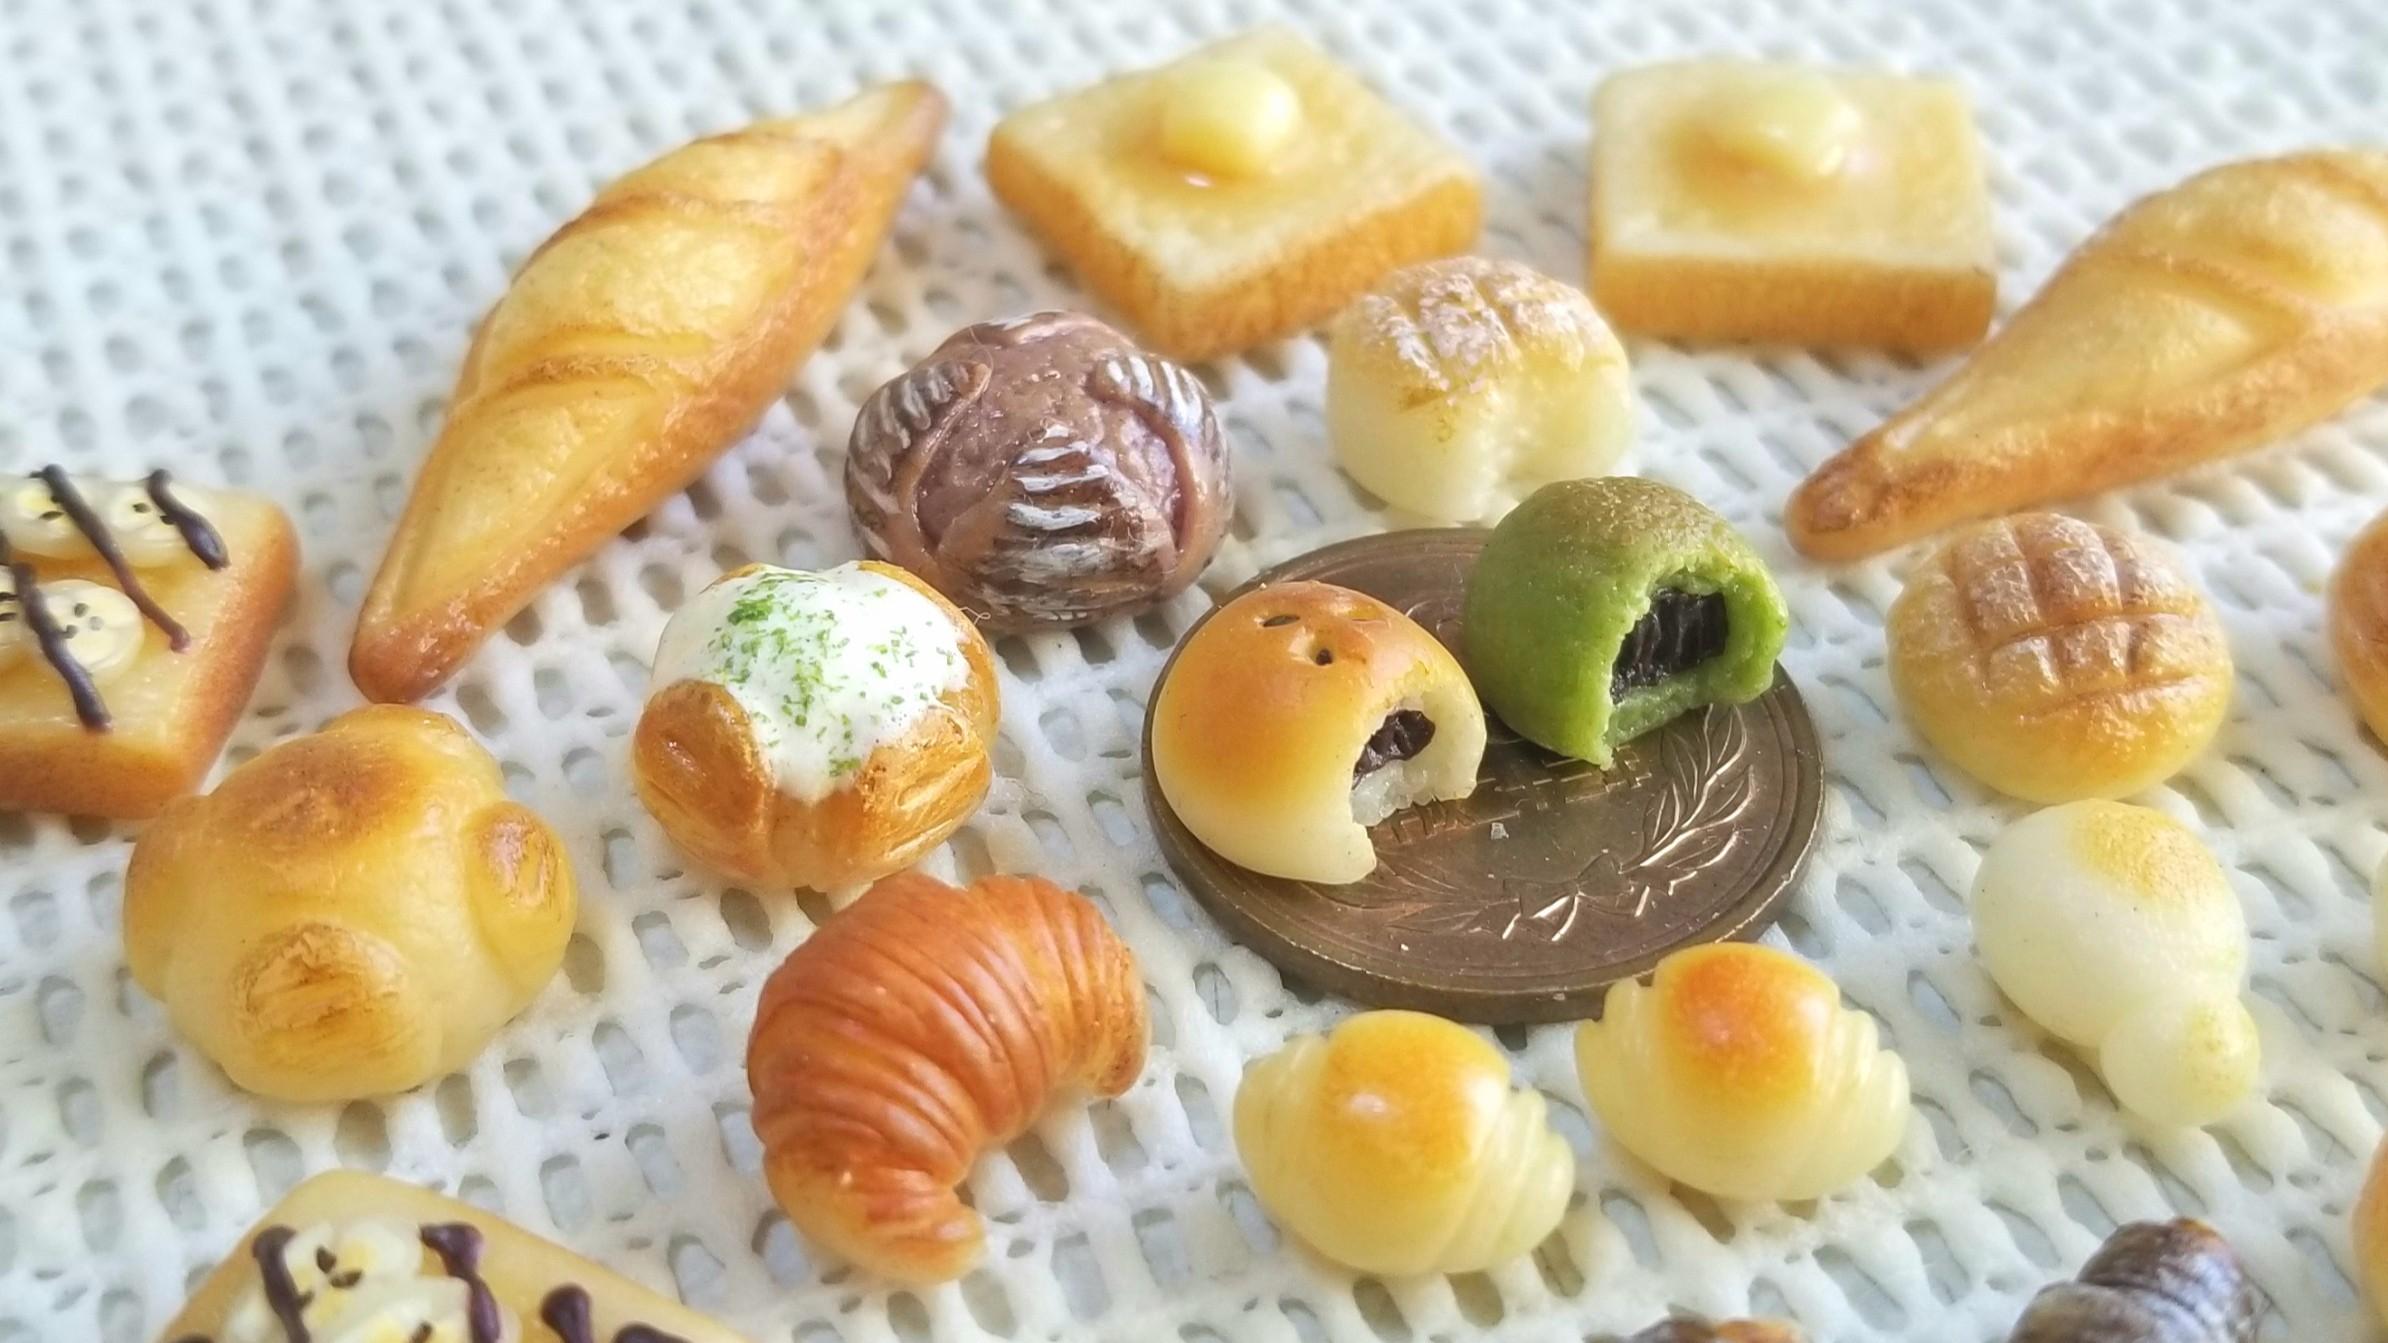 かわいいミニチュアパン,手作りアート,おすすめミンネおもちゃ,小物